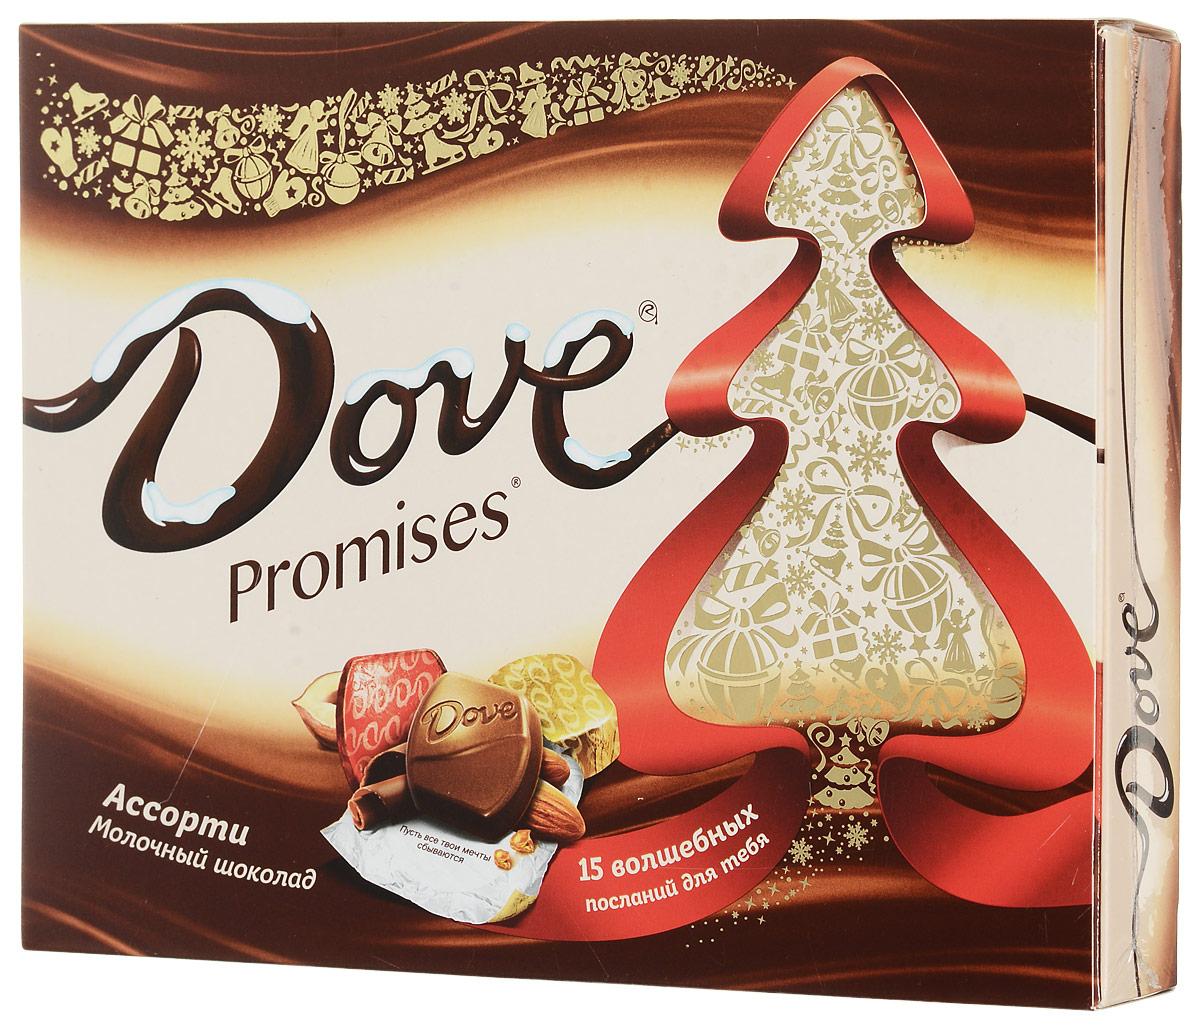 Dove Promises Ассорти молочный шоколад, 118 г79004047Шоколад Dove нежный, как шелк: такой же обволакивающий, роскошный, соблазнительный. Dove изготовлен только из высококачественных, натуральных ингредиентов. Окунитесь в шелковое удовольствие! Уважаемые клиенты! Обращаем ваше внимание, что полный перечень состава продукта представлен на дополнительном изображении. Упаковка может иметь несколько видов дизайна. Поставка осуществляется в зависимости от наличия на складе.